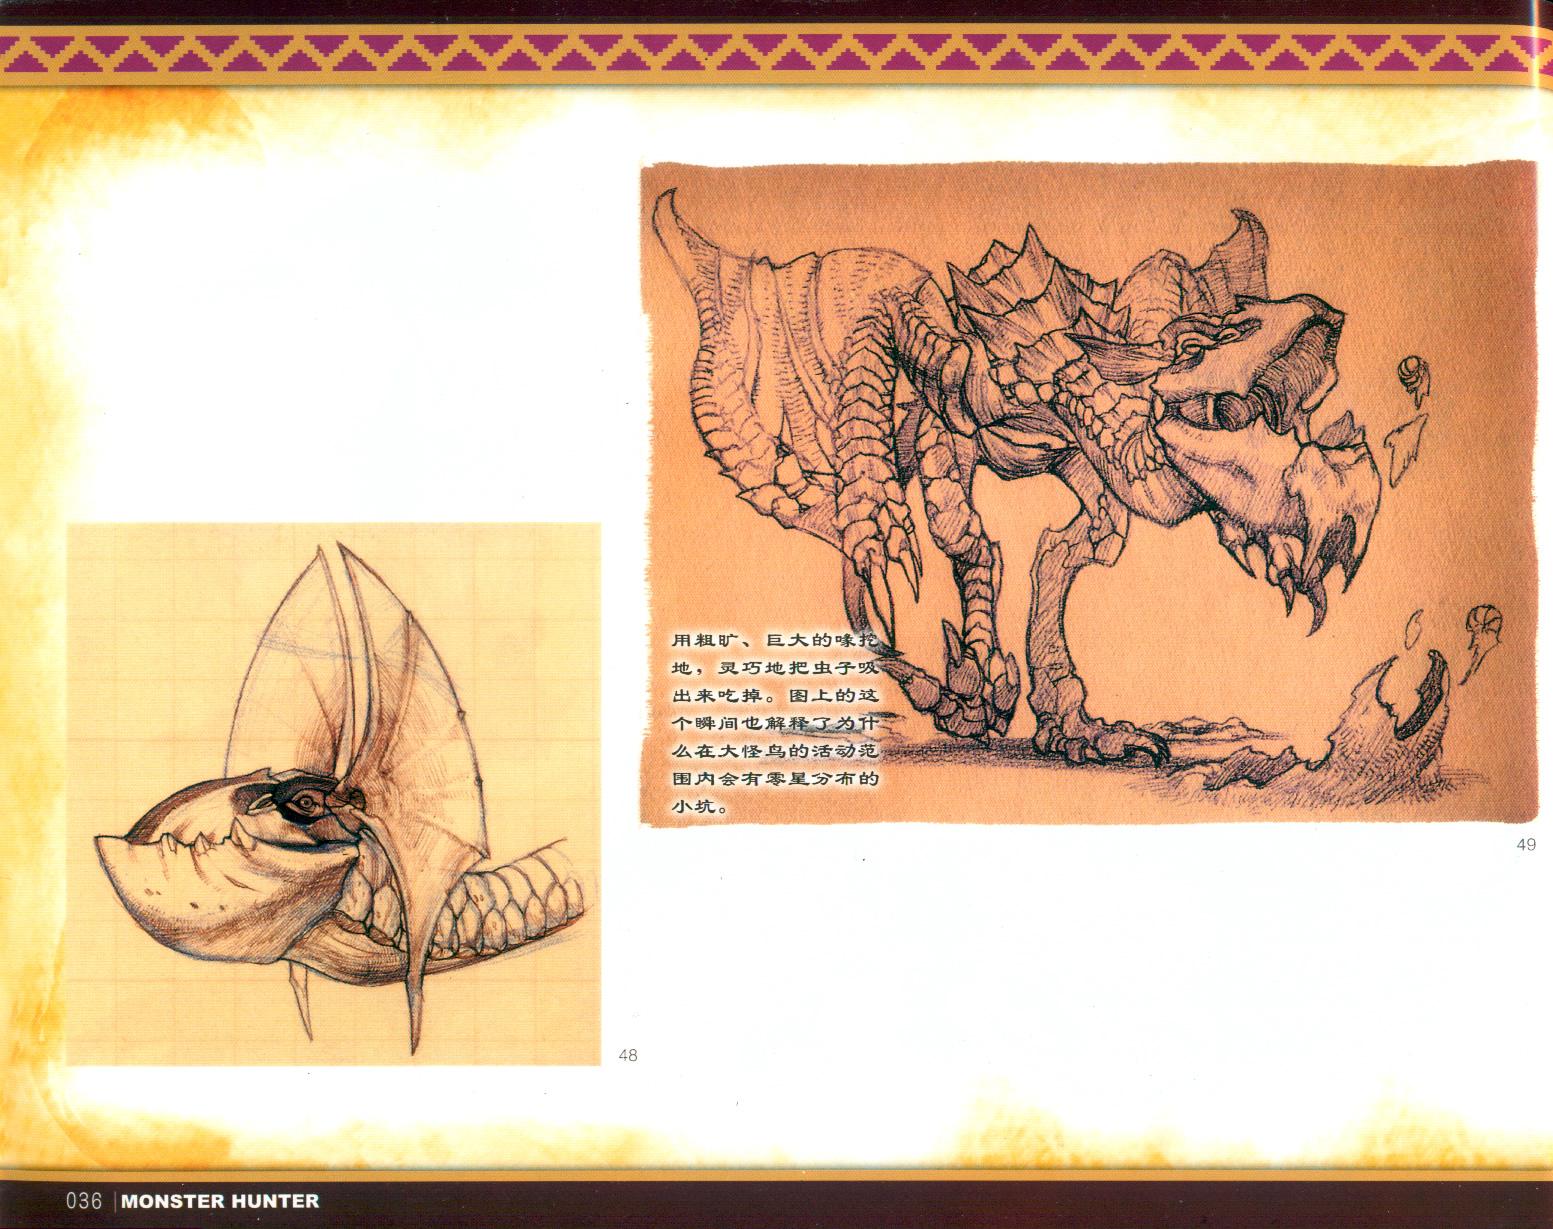 036_关注-游艺网GAME798海量资源下载怪物猎人终极画集.jpg